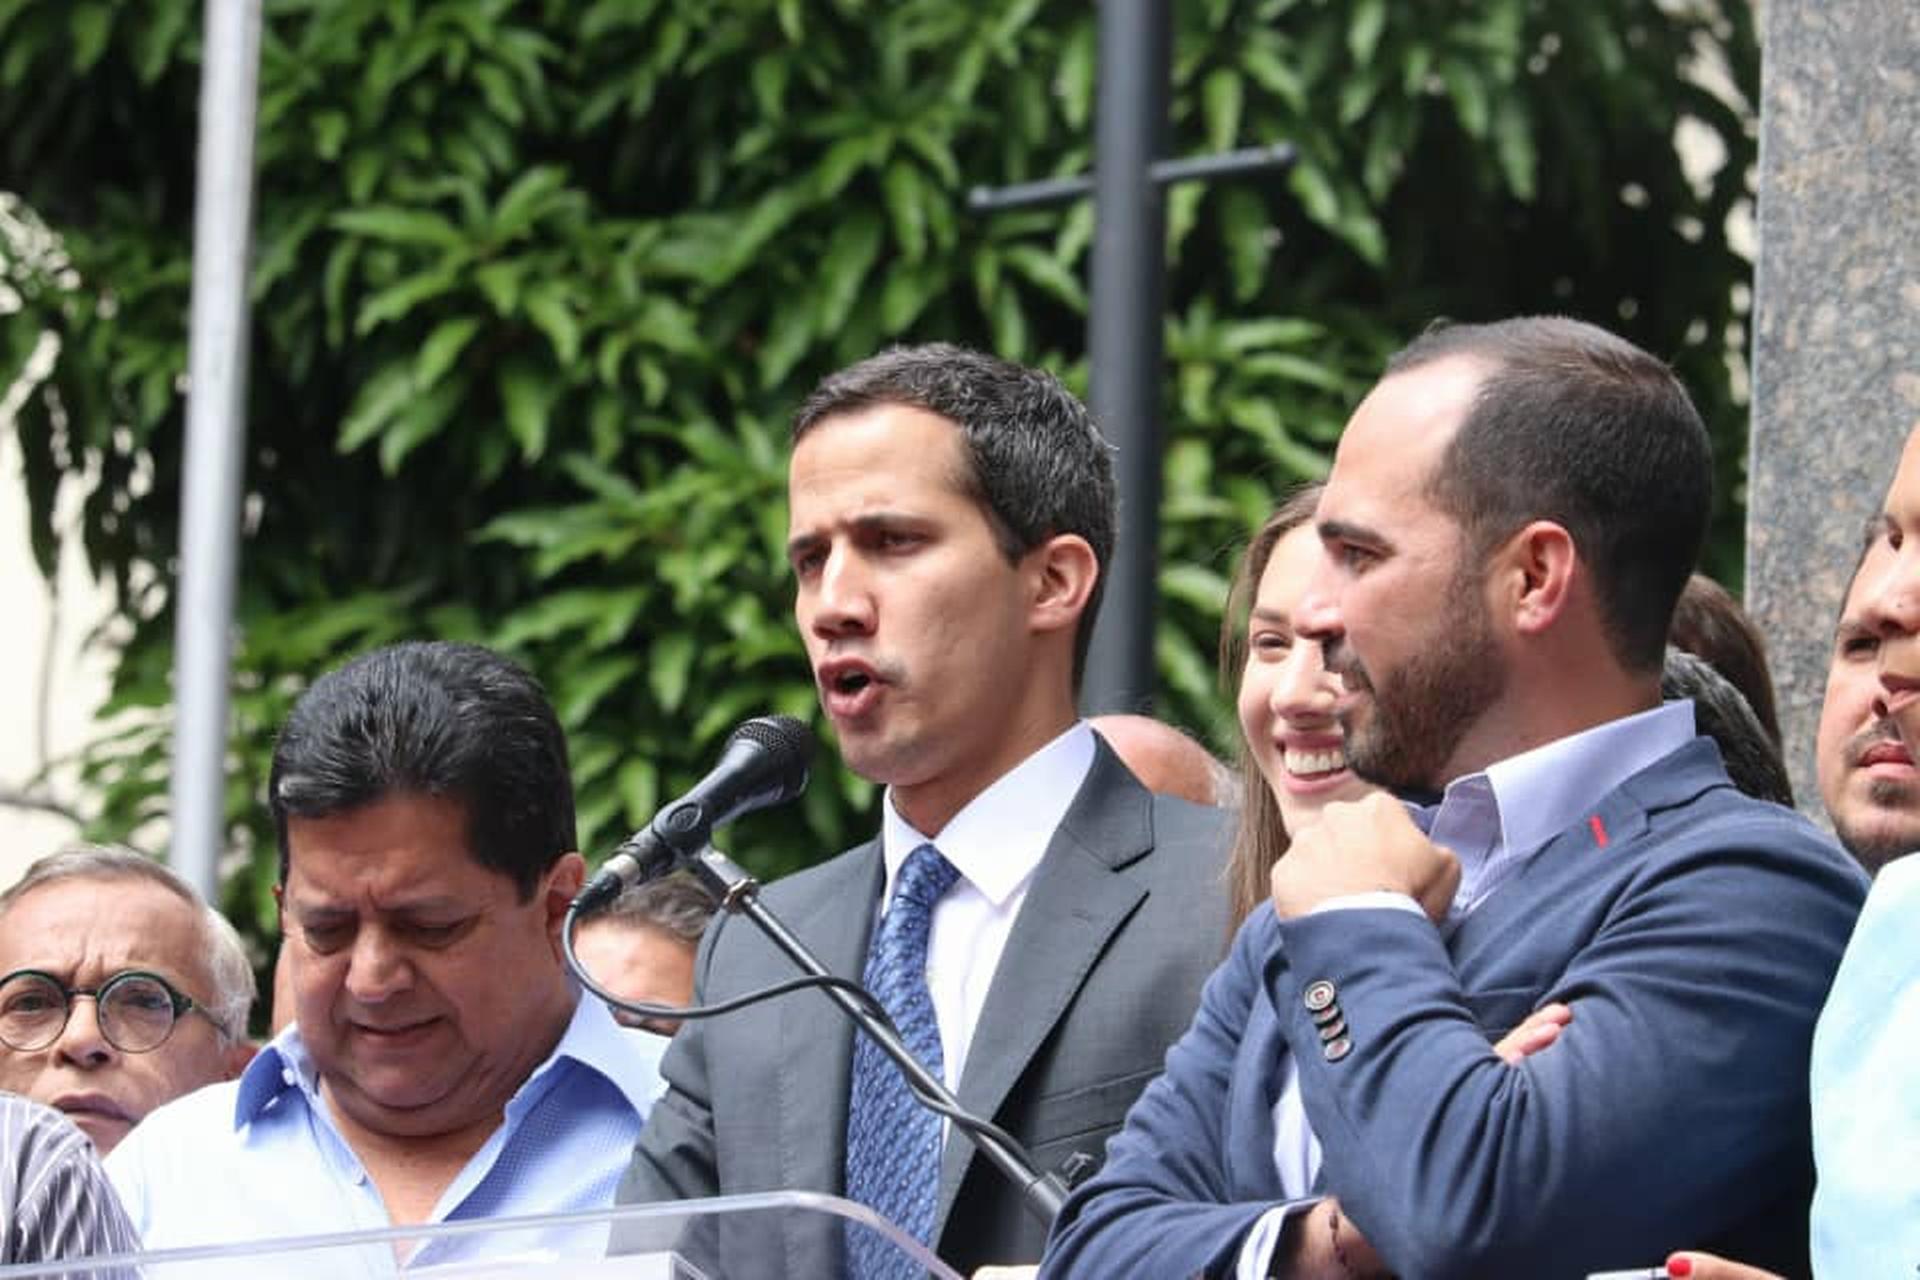 Parlamento europeo reconoce a Guaidó como presidente interino de Venezuela